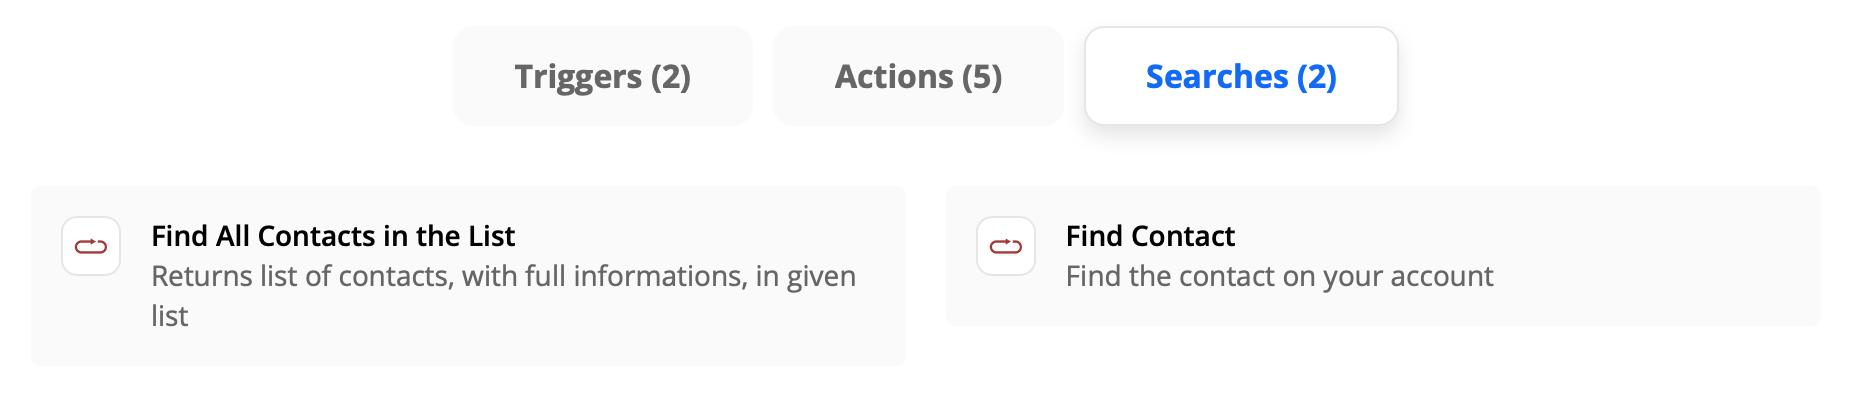 تنظیمات جستوی زپیر با لیست ایمیل